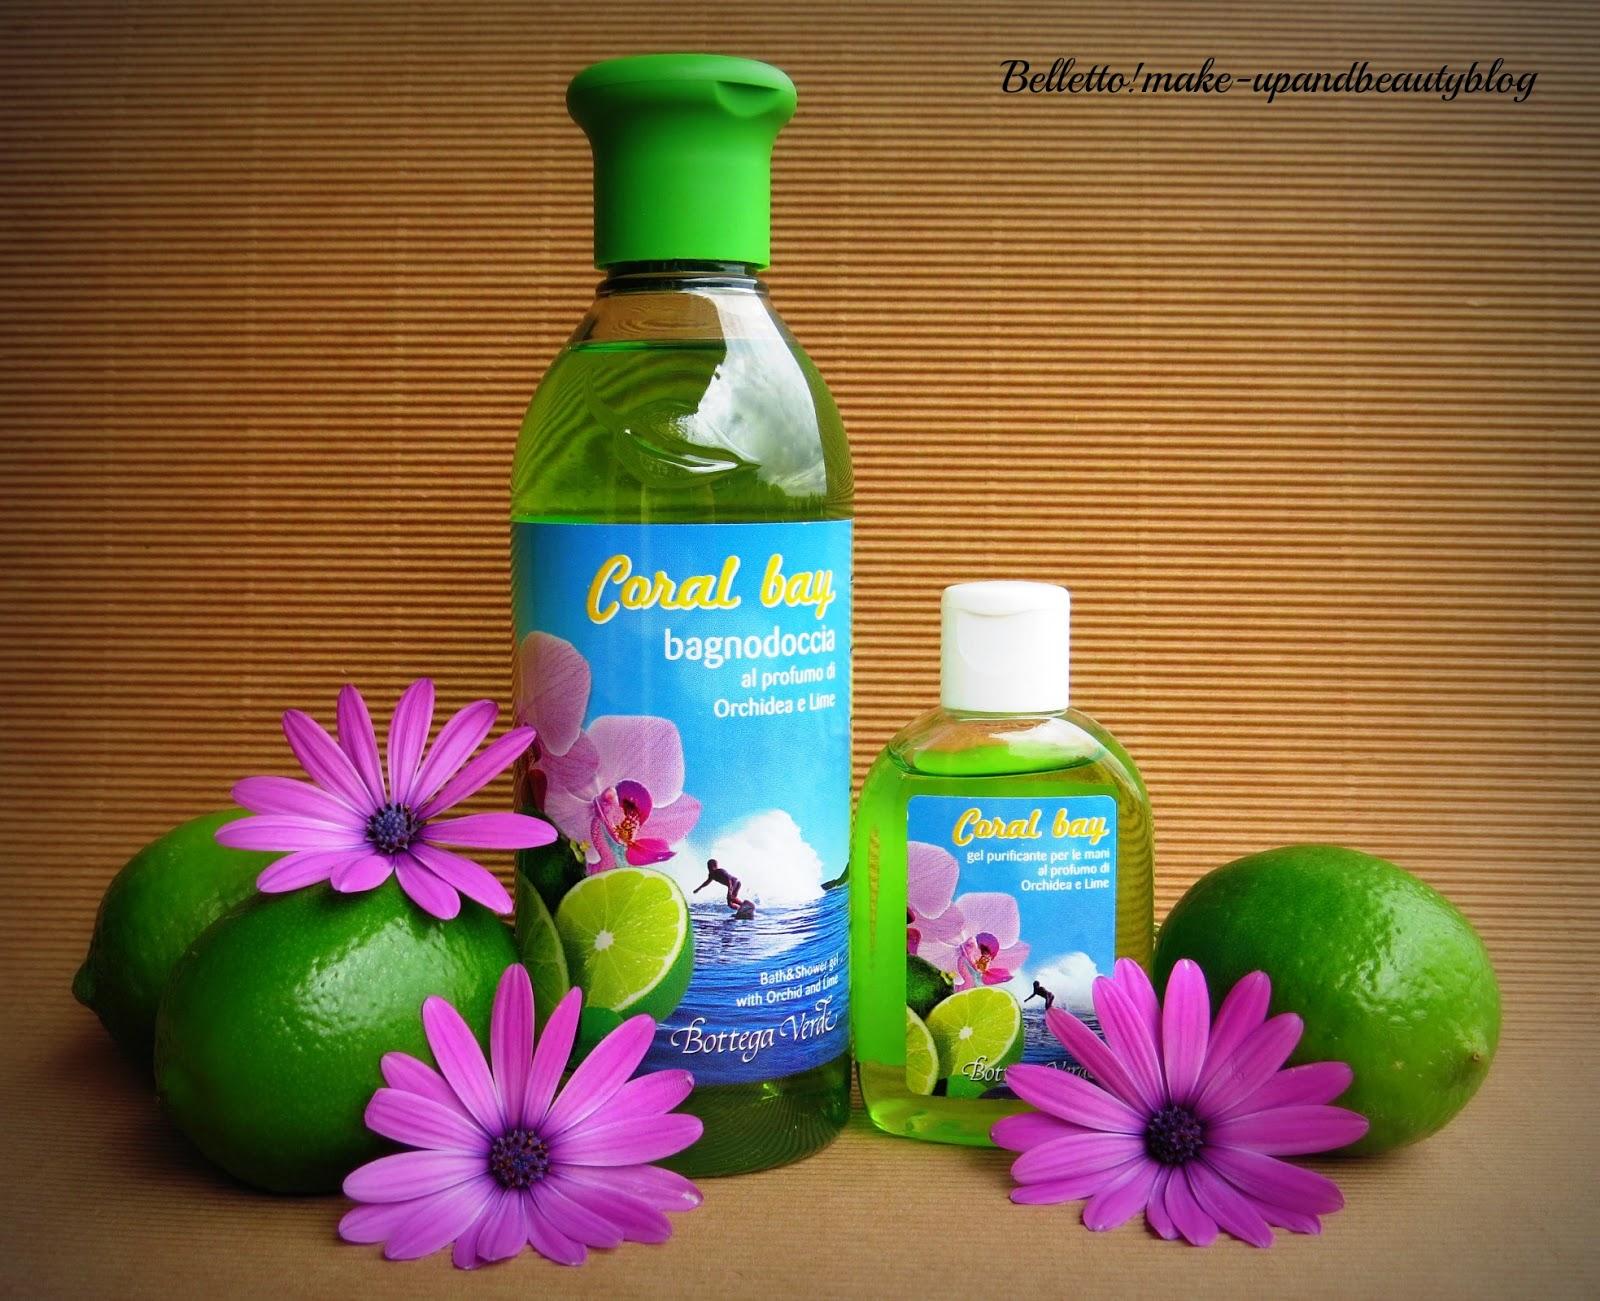 Bagno Doccia Bottega Verde : Belletto make up and beauty bottega verde coral bay